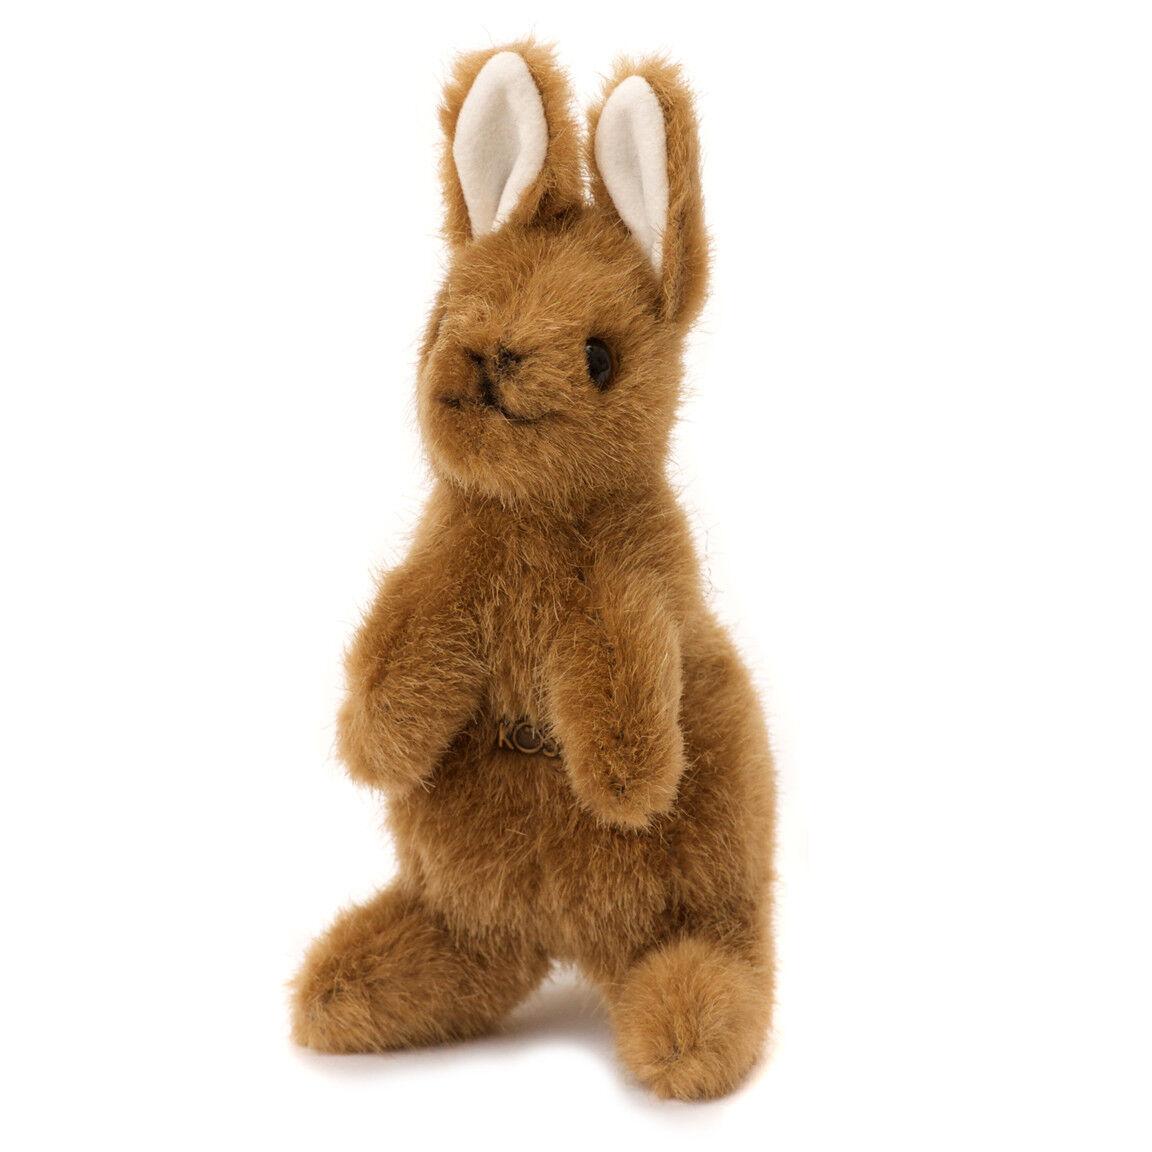 Mini Hase exquisit Sammler Kuscheltier - Kosen / Kösen - 4310